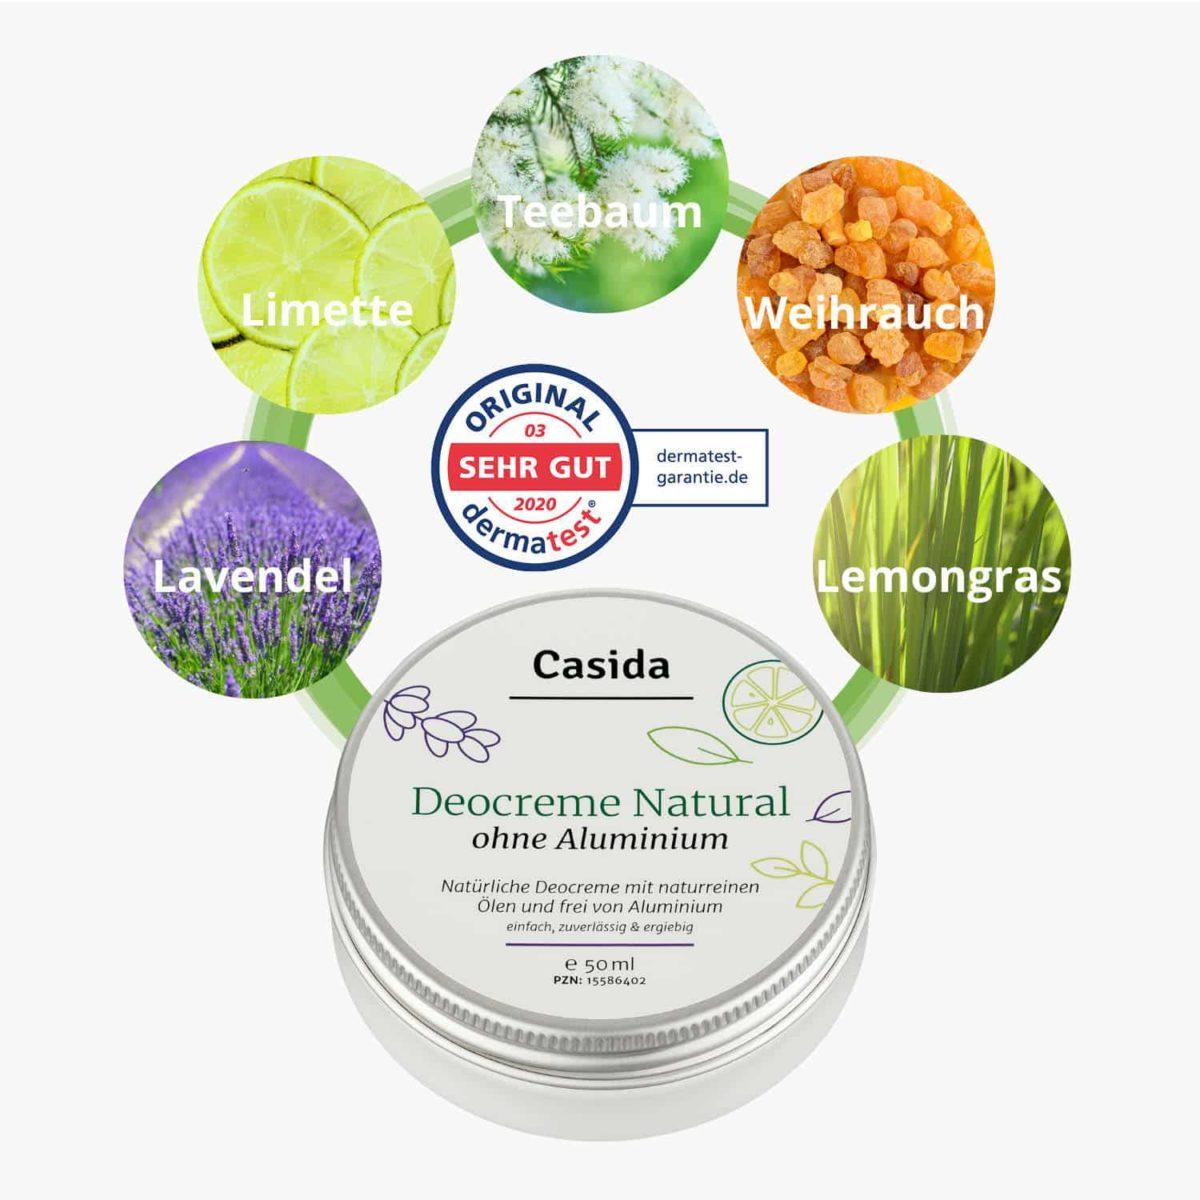 Casida Fühl dich wohl Box Beauty Pflege Aromatherapie (3)